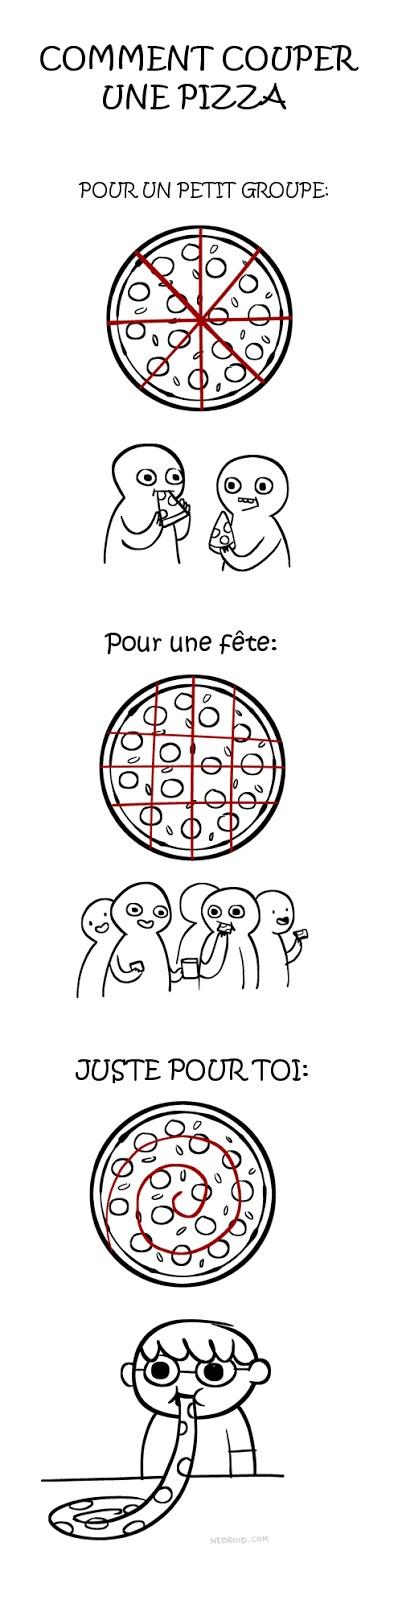 Humour comment couper une pizza - Comment couper une video vlc ...